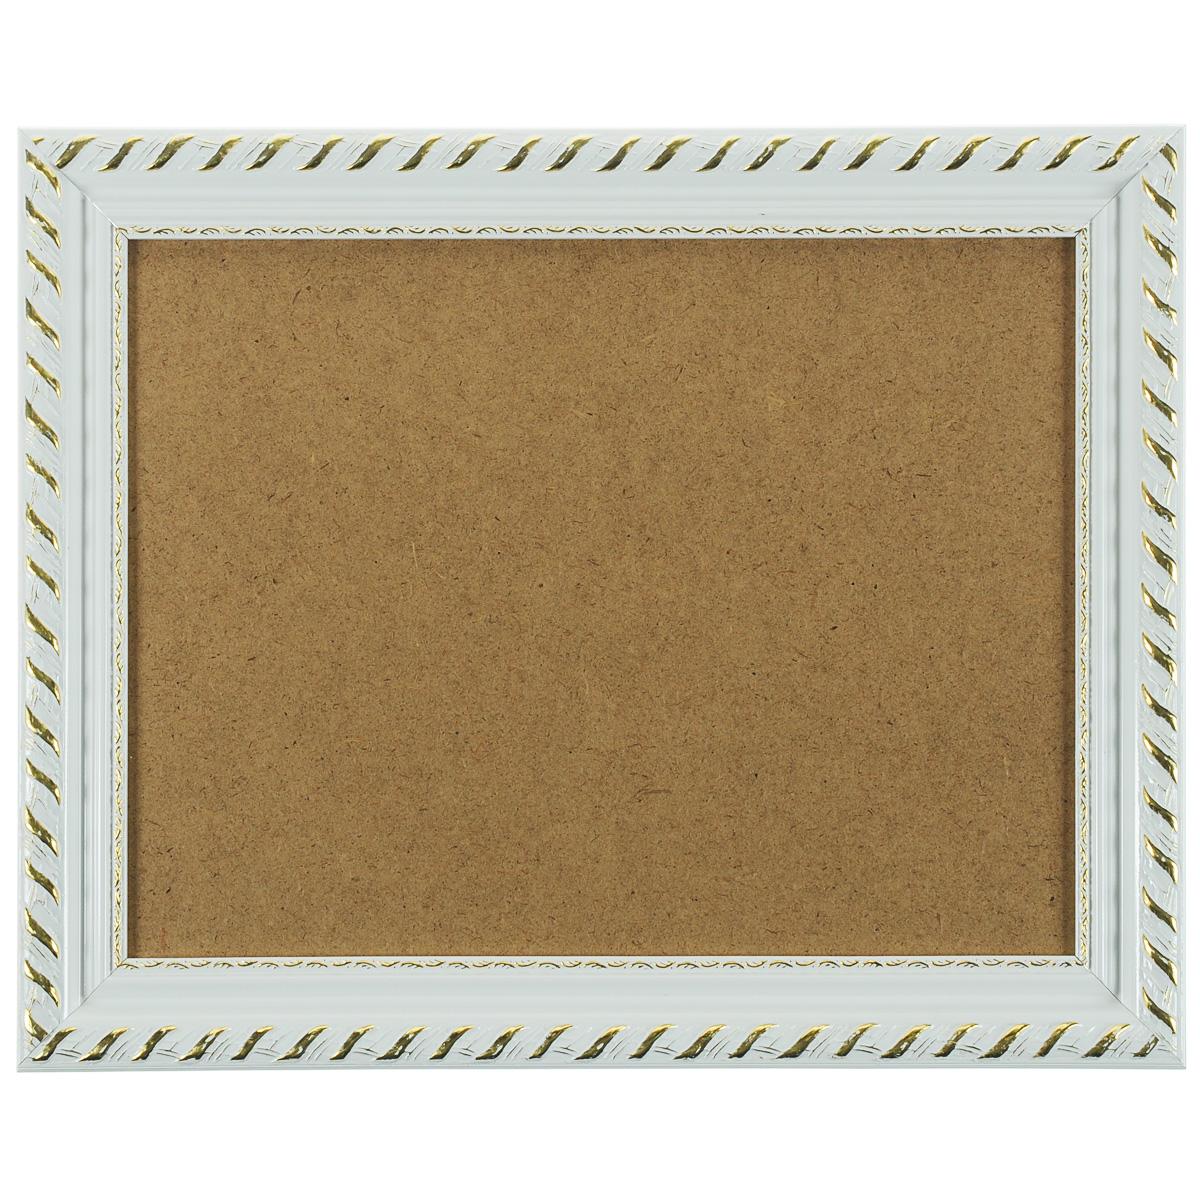 Багетная рама Kleopatra, цвет: белый, 30 х 40 см 1595-BL1595-BL Kleopatra (белый)Багетная рама Kleopatra изготовлена из дерева. Багетные рамы предназначены для оформления картин, вышивок и фотографий. Оформленное изделие всегда становится более выразительным и гармоничным. Подбор багета для картин очень важен - от этого зависит, какое значение будет иметь выполненная работа в вашем интерьере. Если вы используете раму для оформления живописи на холсте, следует учесть, что толщина подрамника больше толщины рамы и сзади будет выступать, рекомендуется дополнительно зафиксировать картину клеем, лист-заглушку в этом случае не вставляют. В комплекте - крепежные элементы, с помощью которых изделие можно подвесить на стену и задник. Размер картины: 30 см х 40 см. Размер рамы: 38 см х 48 см х 2 см.